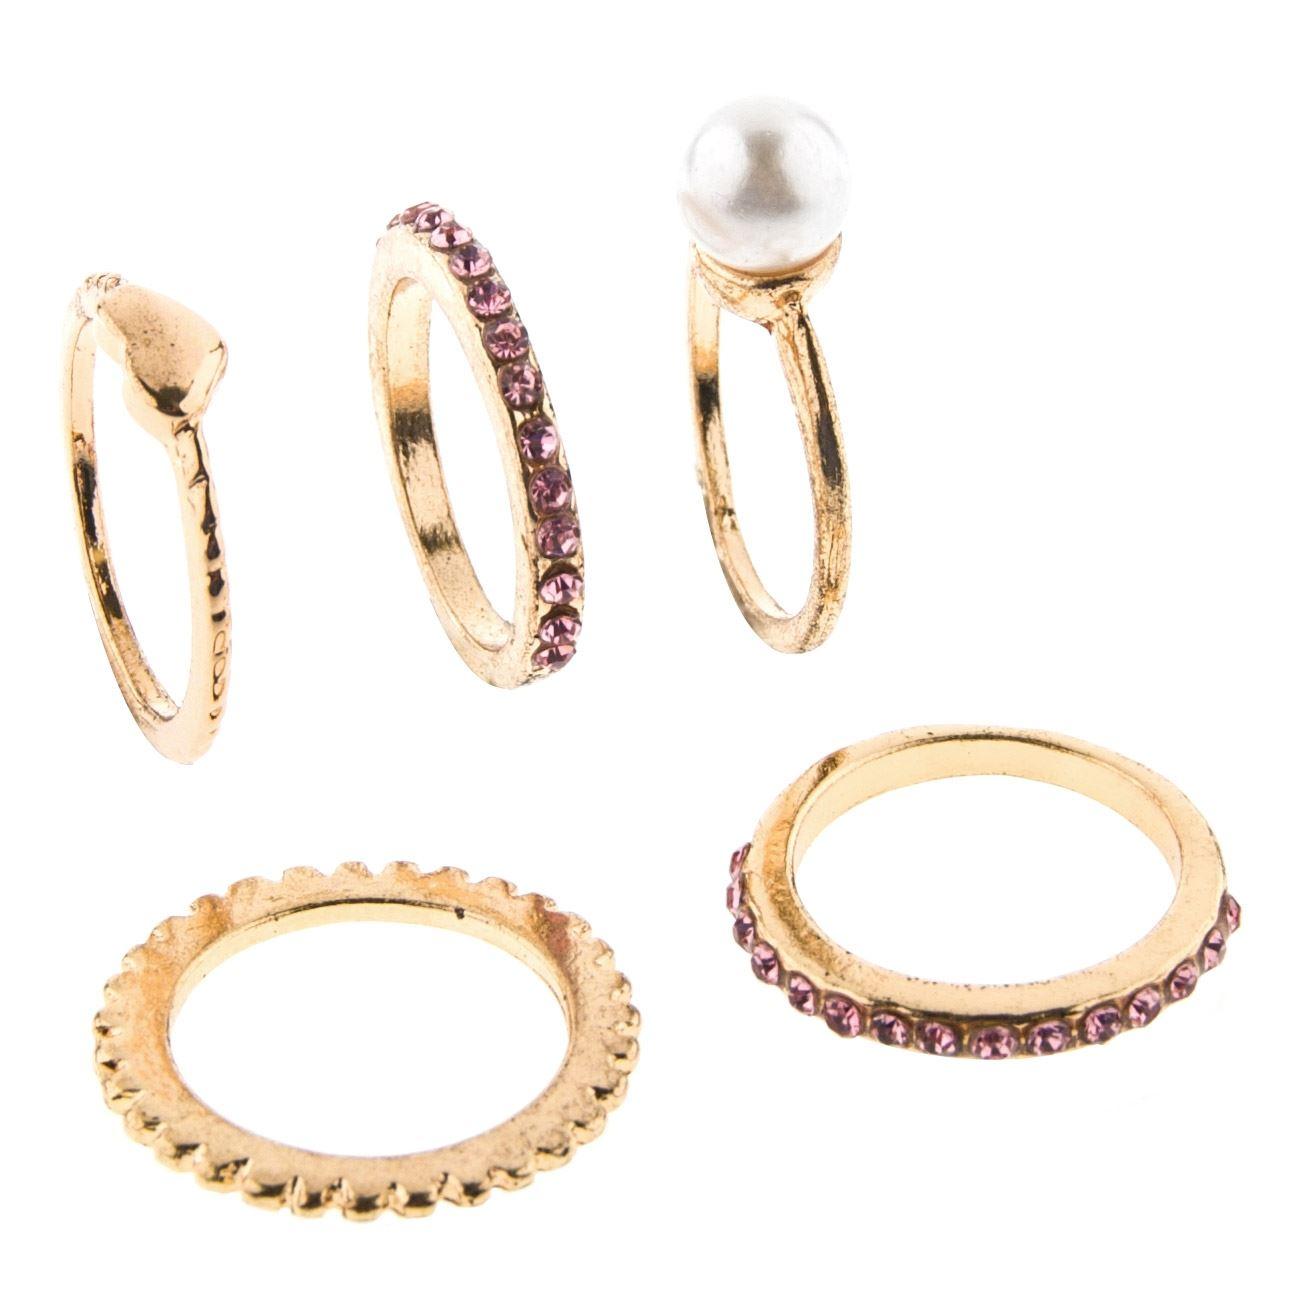 Δαχτυλίδια Χρυσά Πέτρες - 5 τμχ.   Δαχτυλίδια  178cf7bd3f8